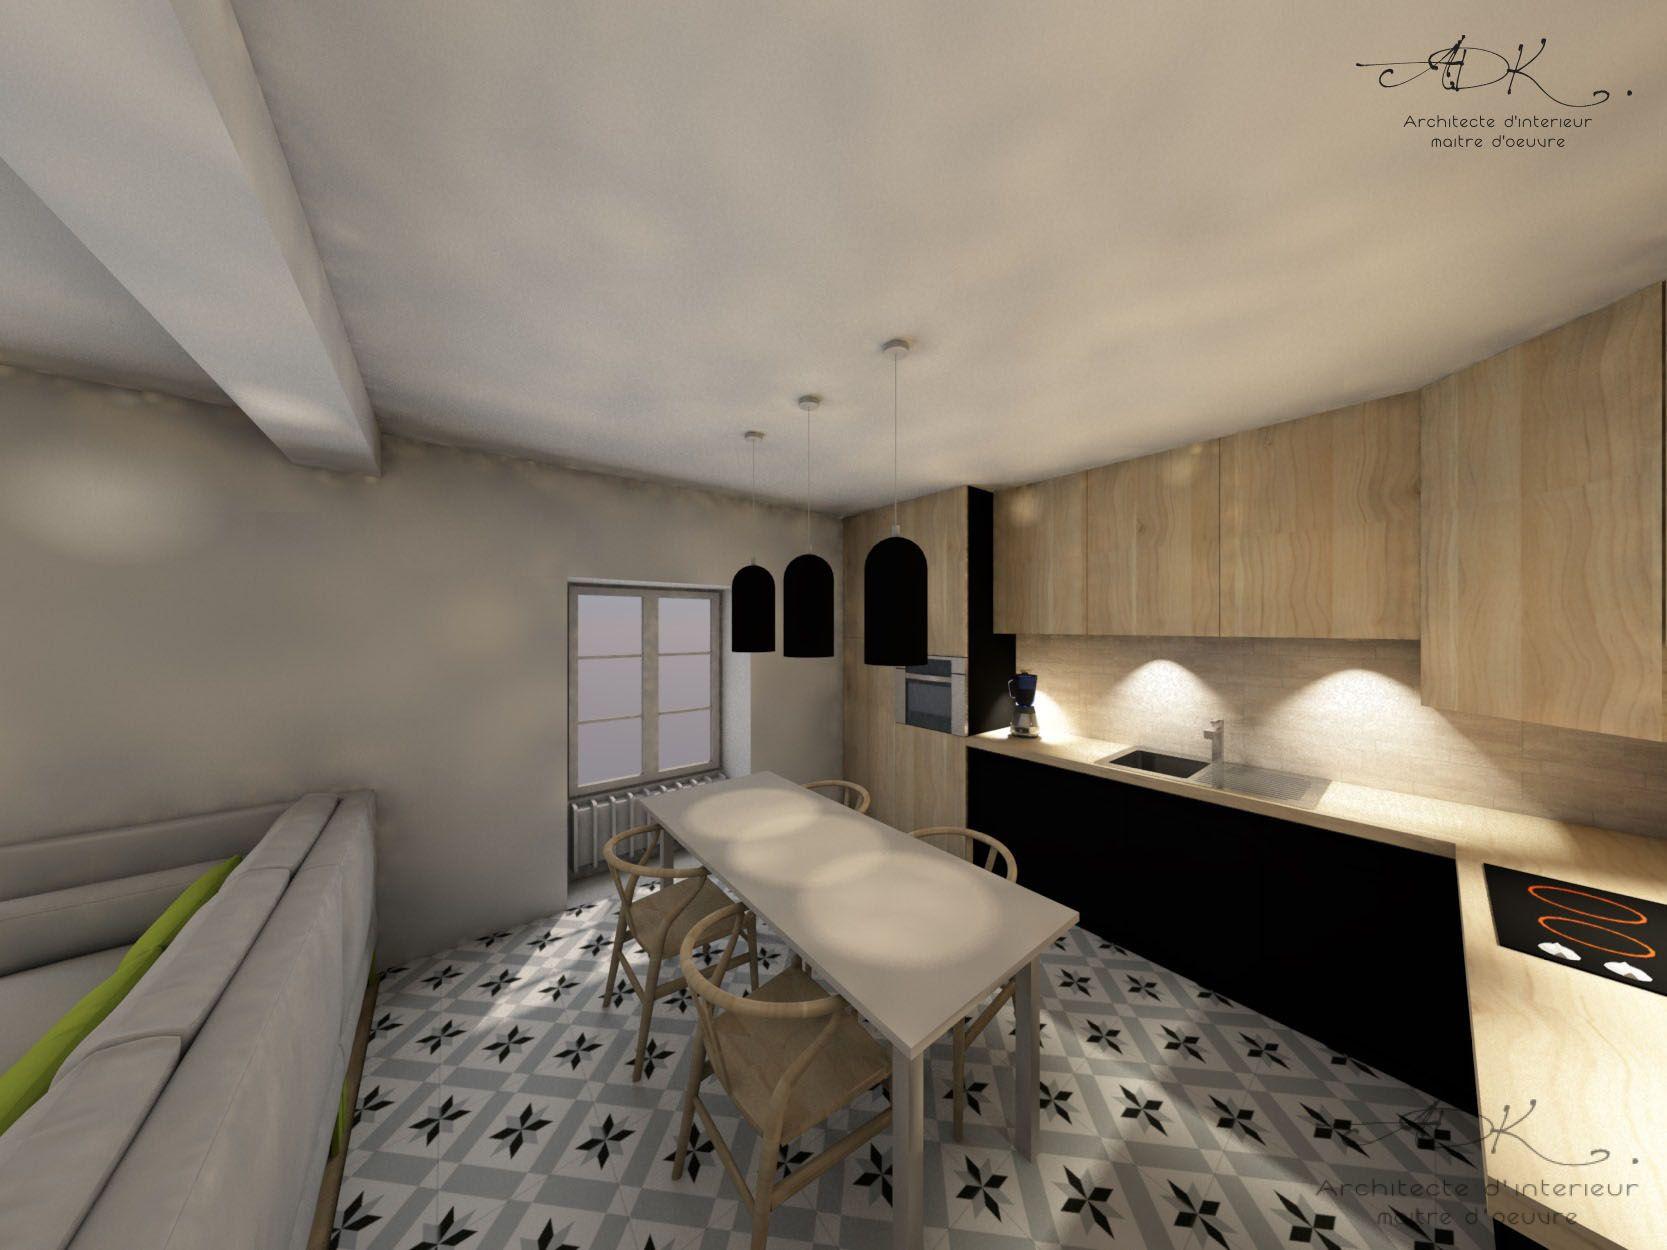 Des Projets 3d Adk Architecture